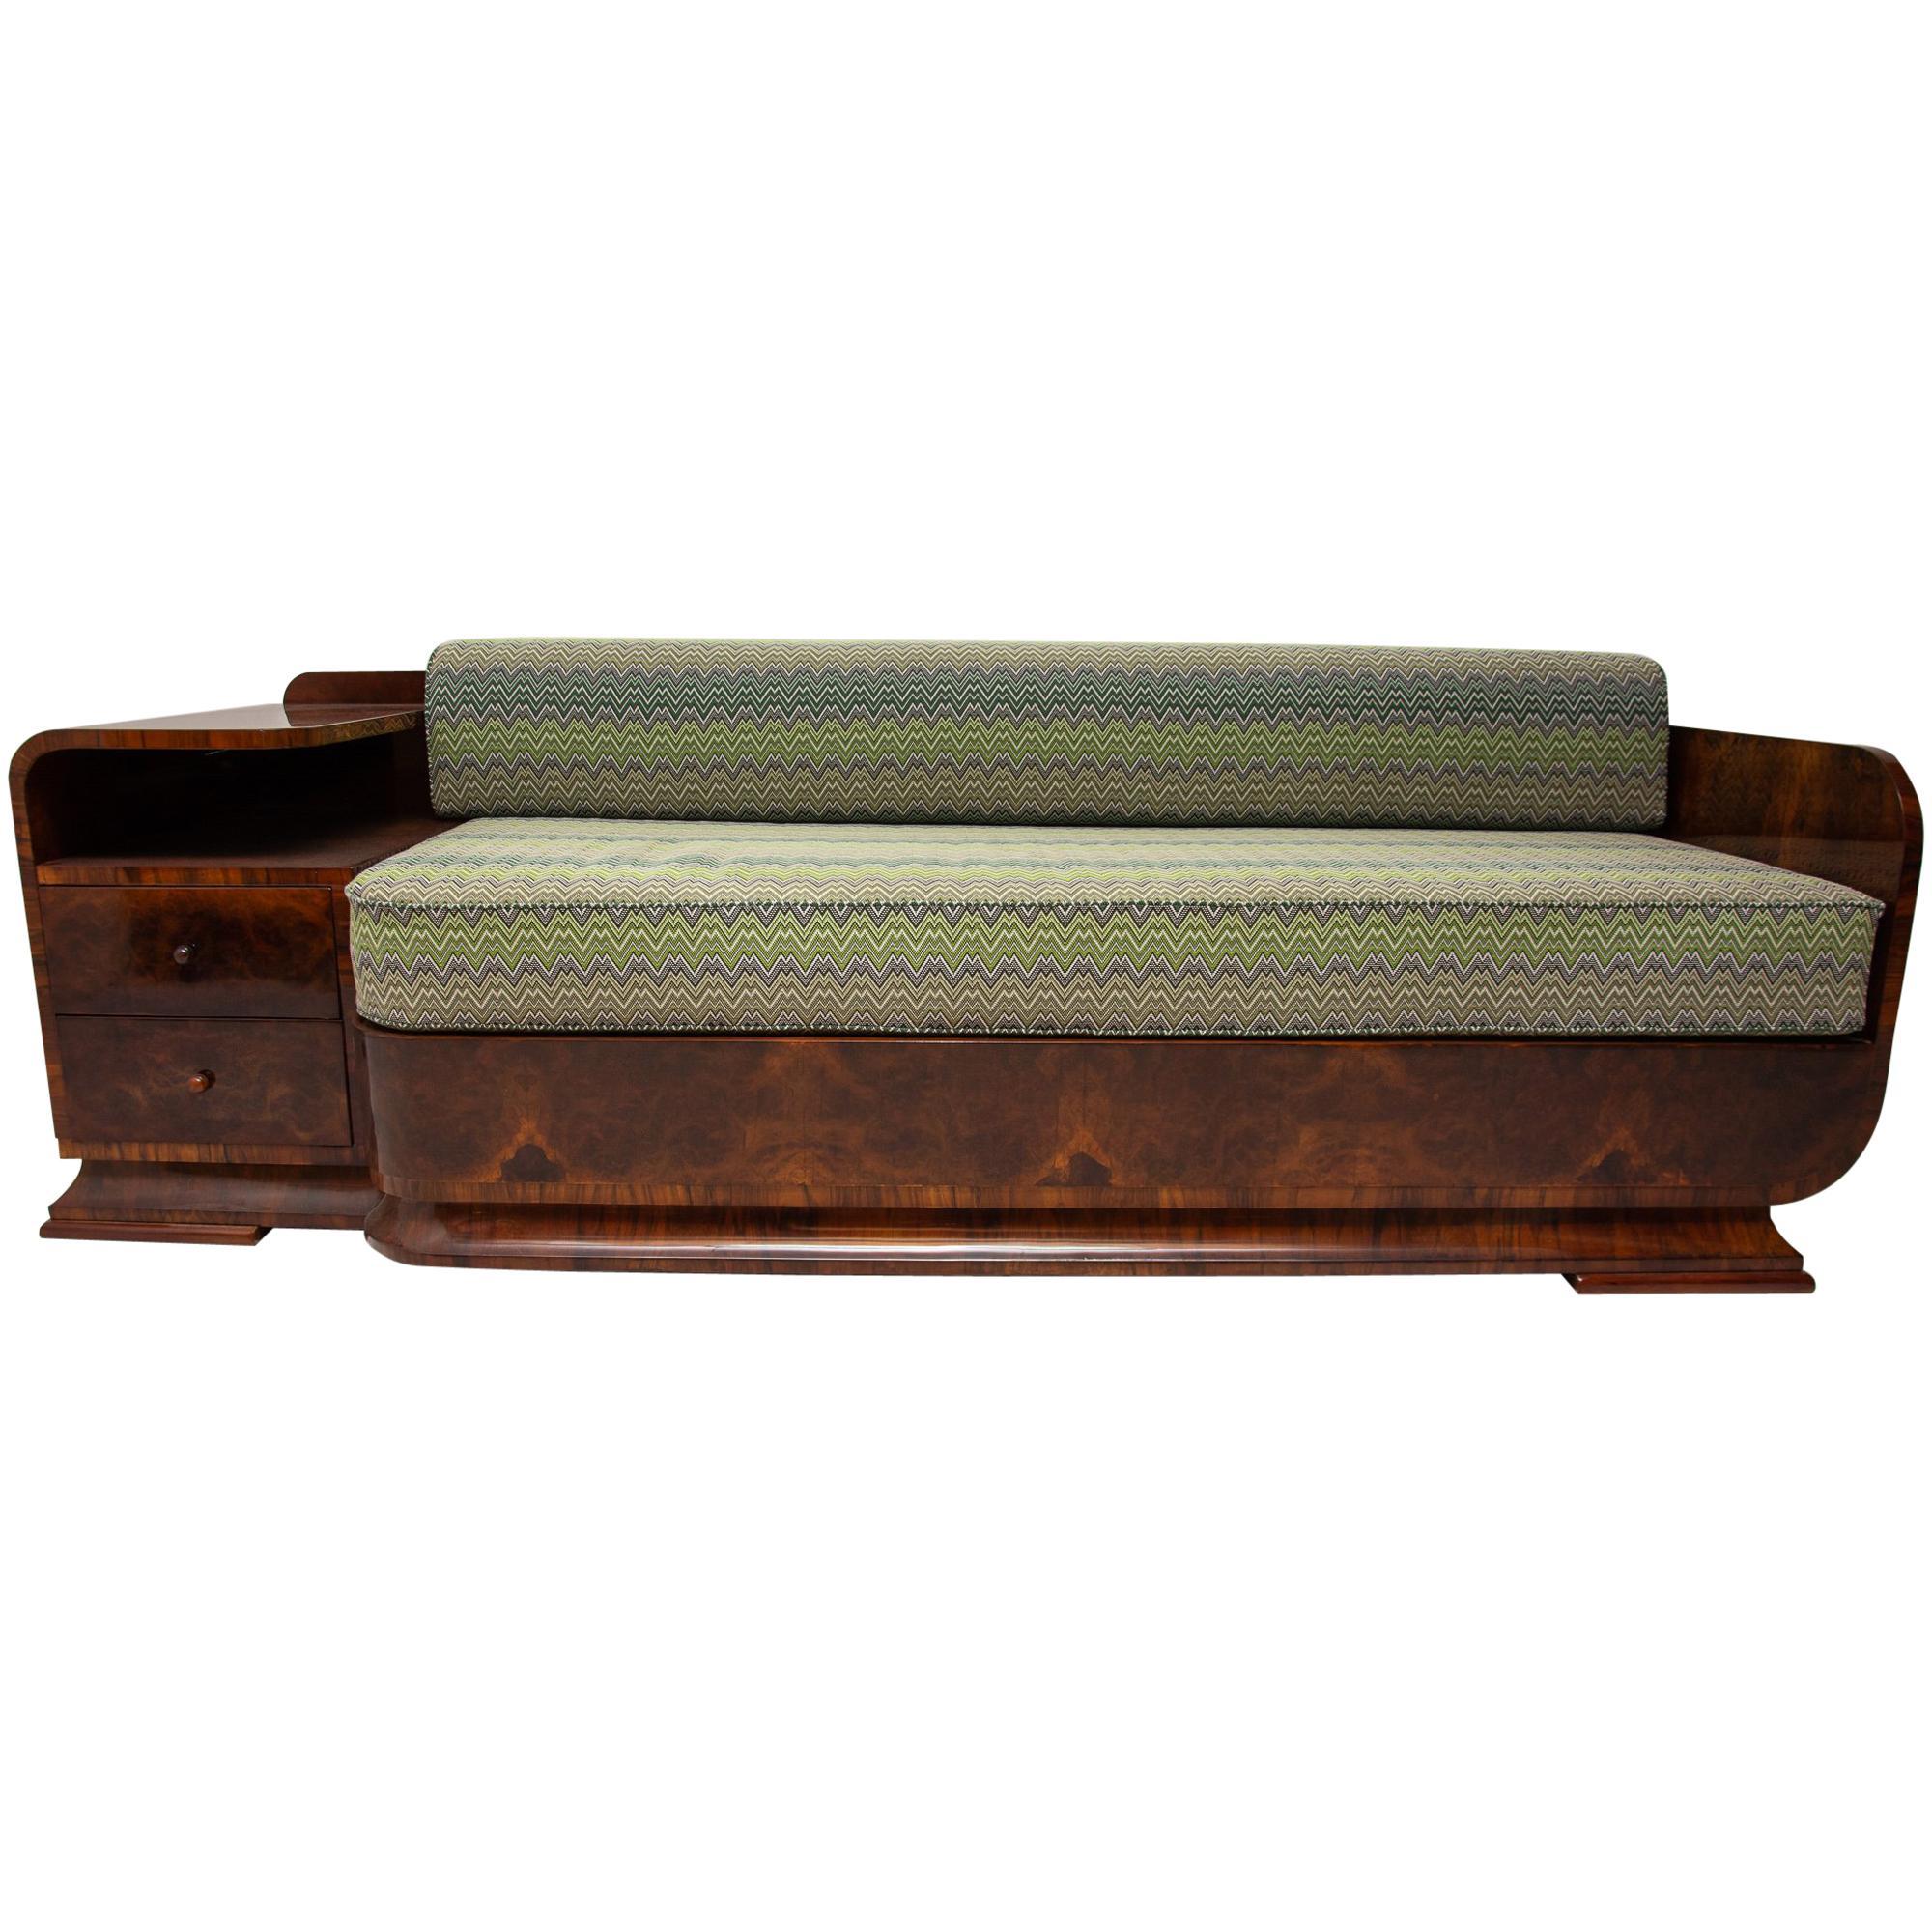 Astonishing Schwedisches Geschnitztes Verkleidetes Sofa Mit Klauenfussen Von Eugen Hoglund 1930Er Jahre Art Deco Evergreenethics Interior Chair Design Evergreenethicsorg